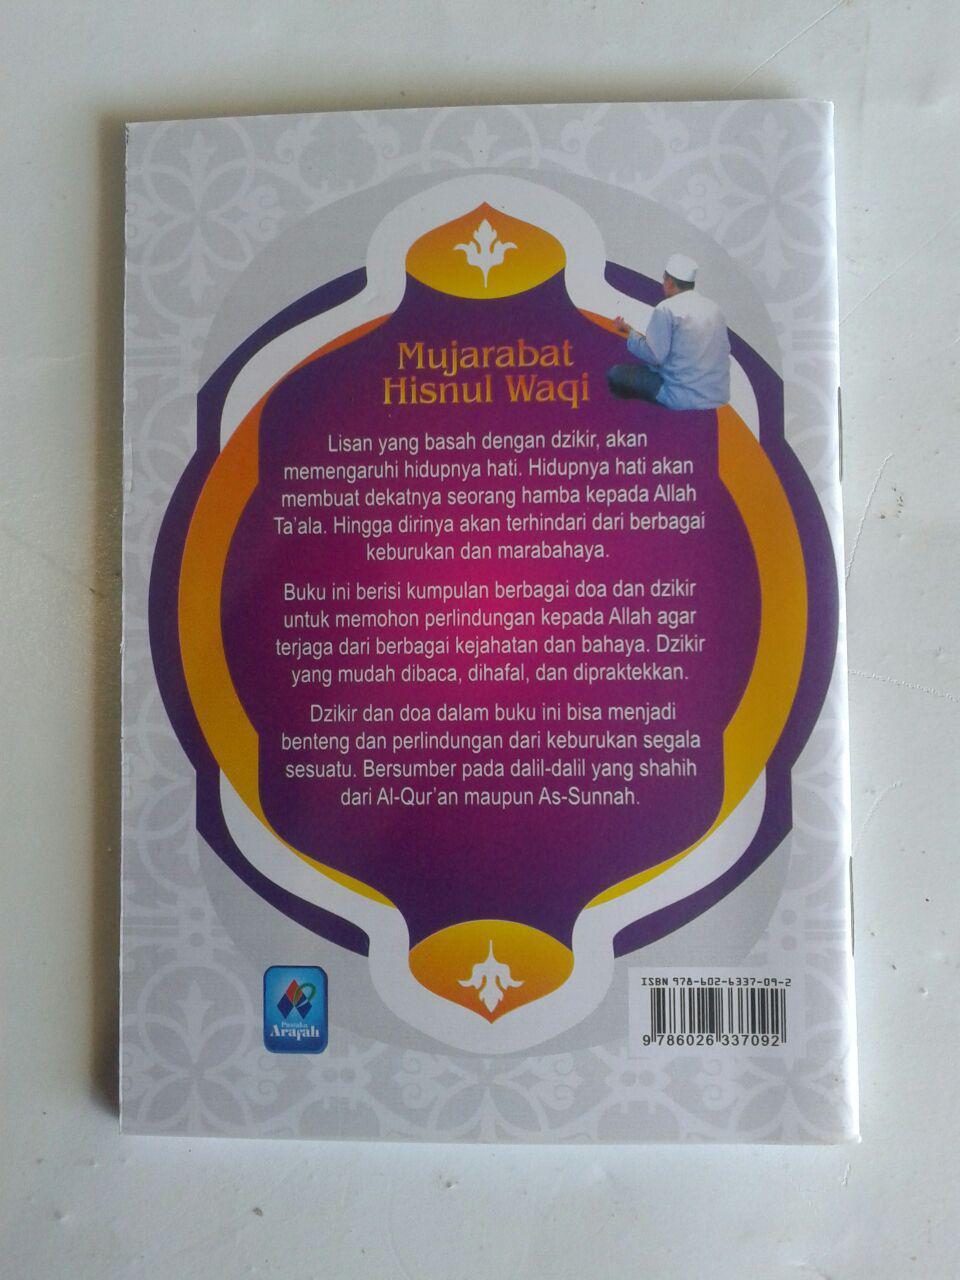 Buku Saku Mujarabat Hisnul Waqi Doa Dzikir Dari Keburukan cover